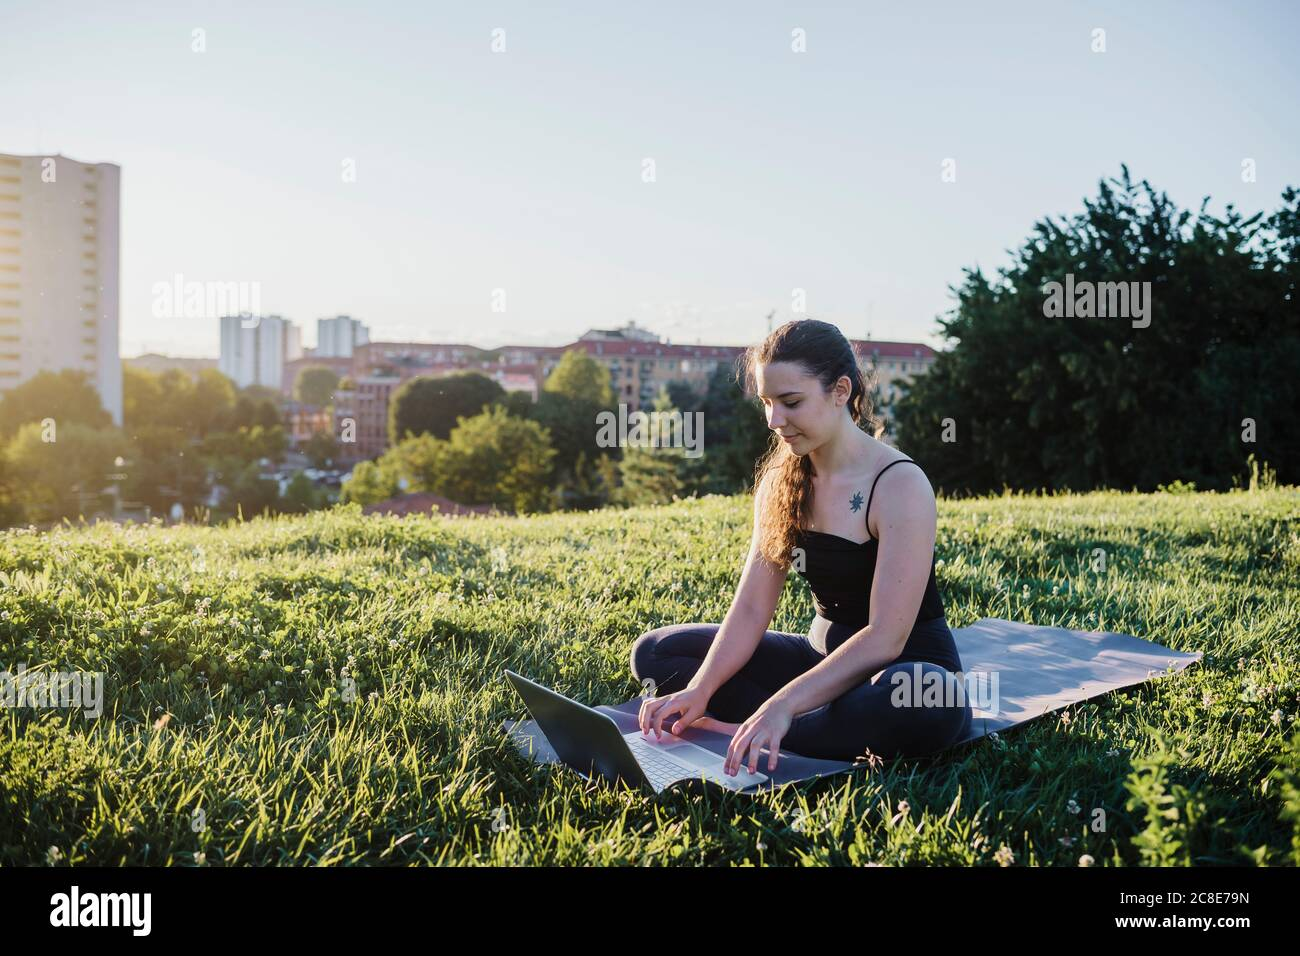 Sportliche junge Frau mit Laptop, während sie auf der Trainingsmatte sitzt Im Stadtpark Stockfoto